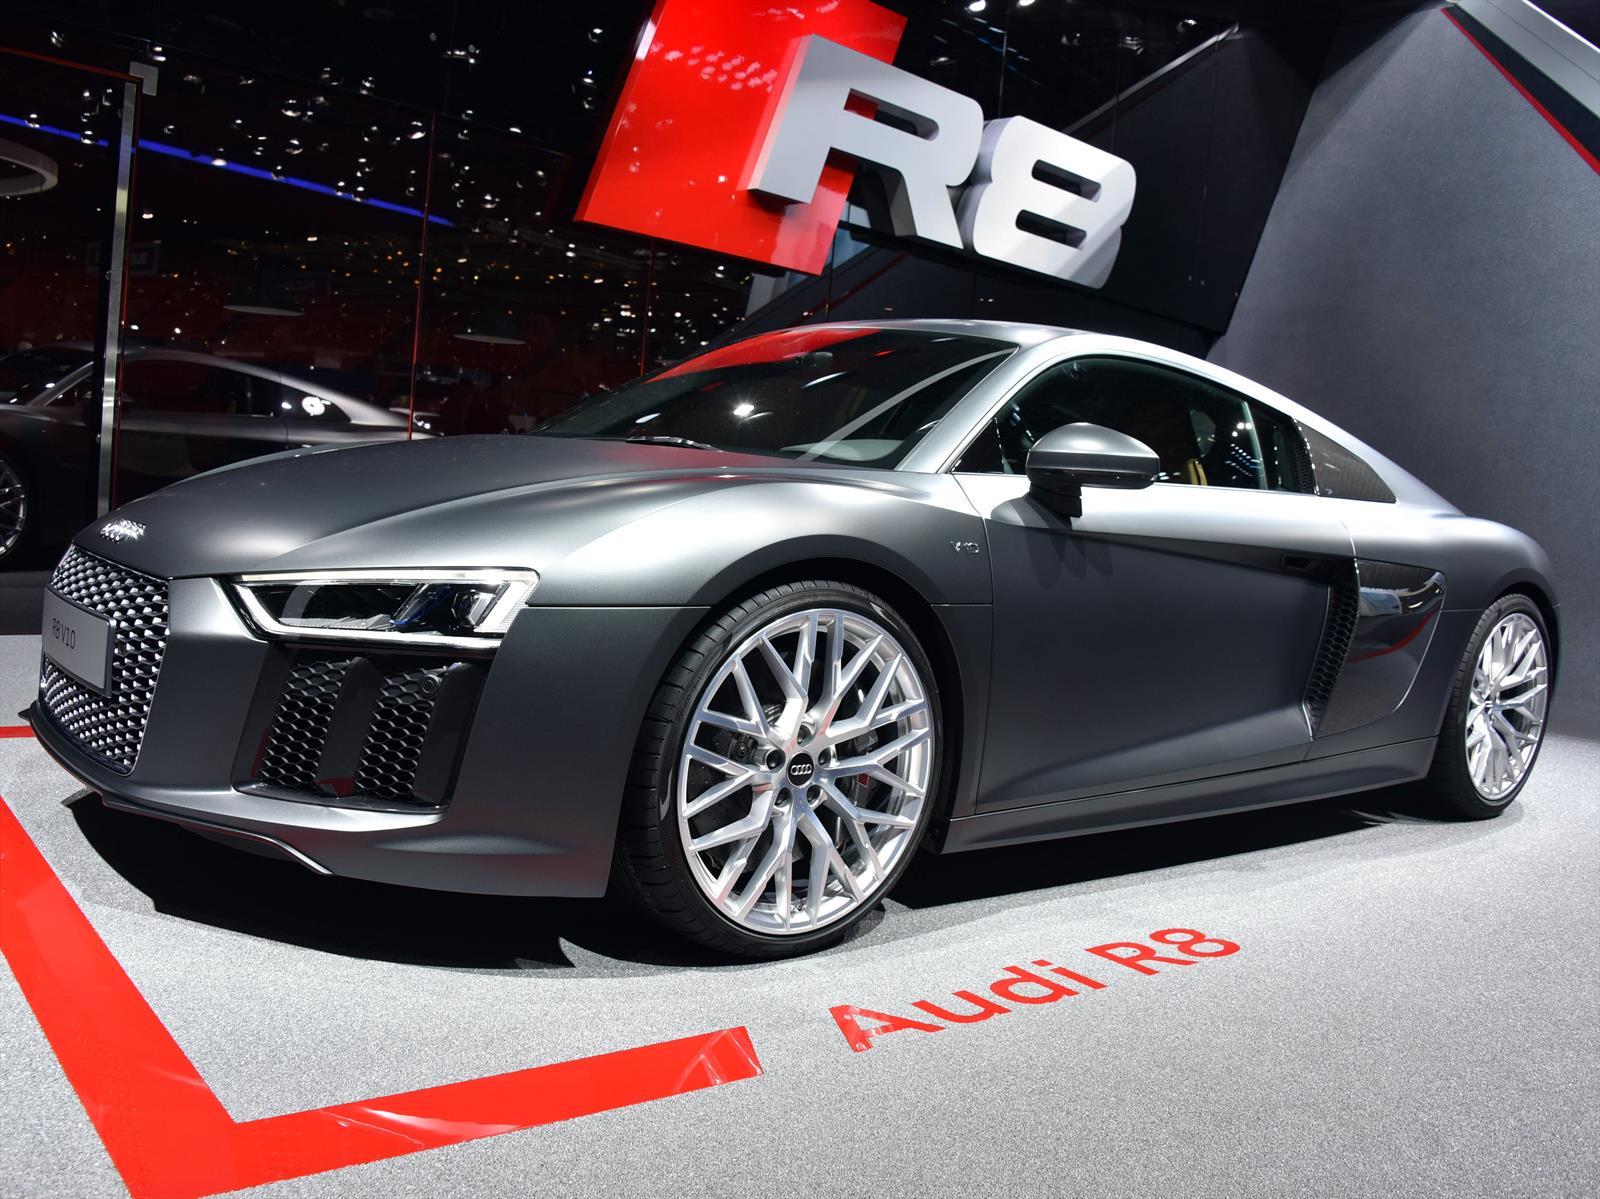 Audi R8 2017 Tiene Un Precio Inicial De 162 900 D 243 Lares